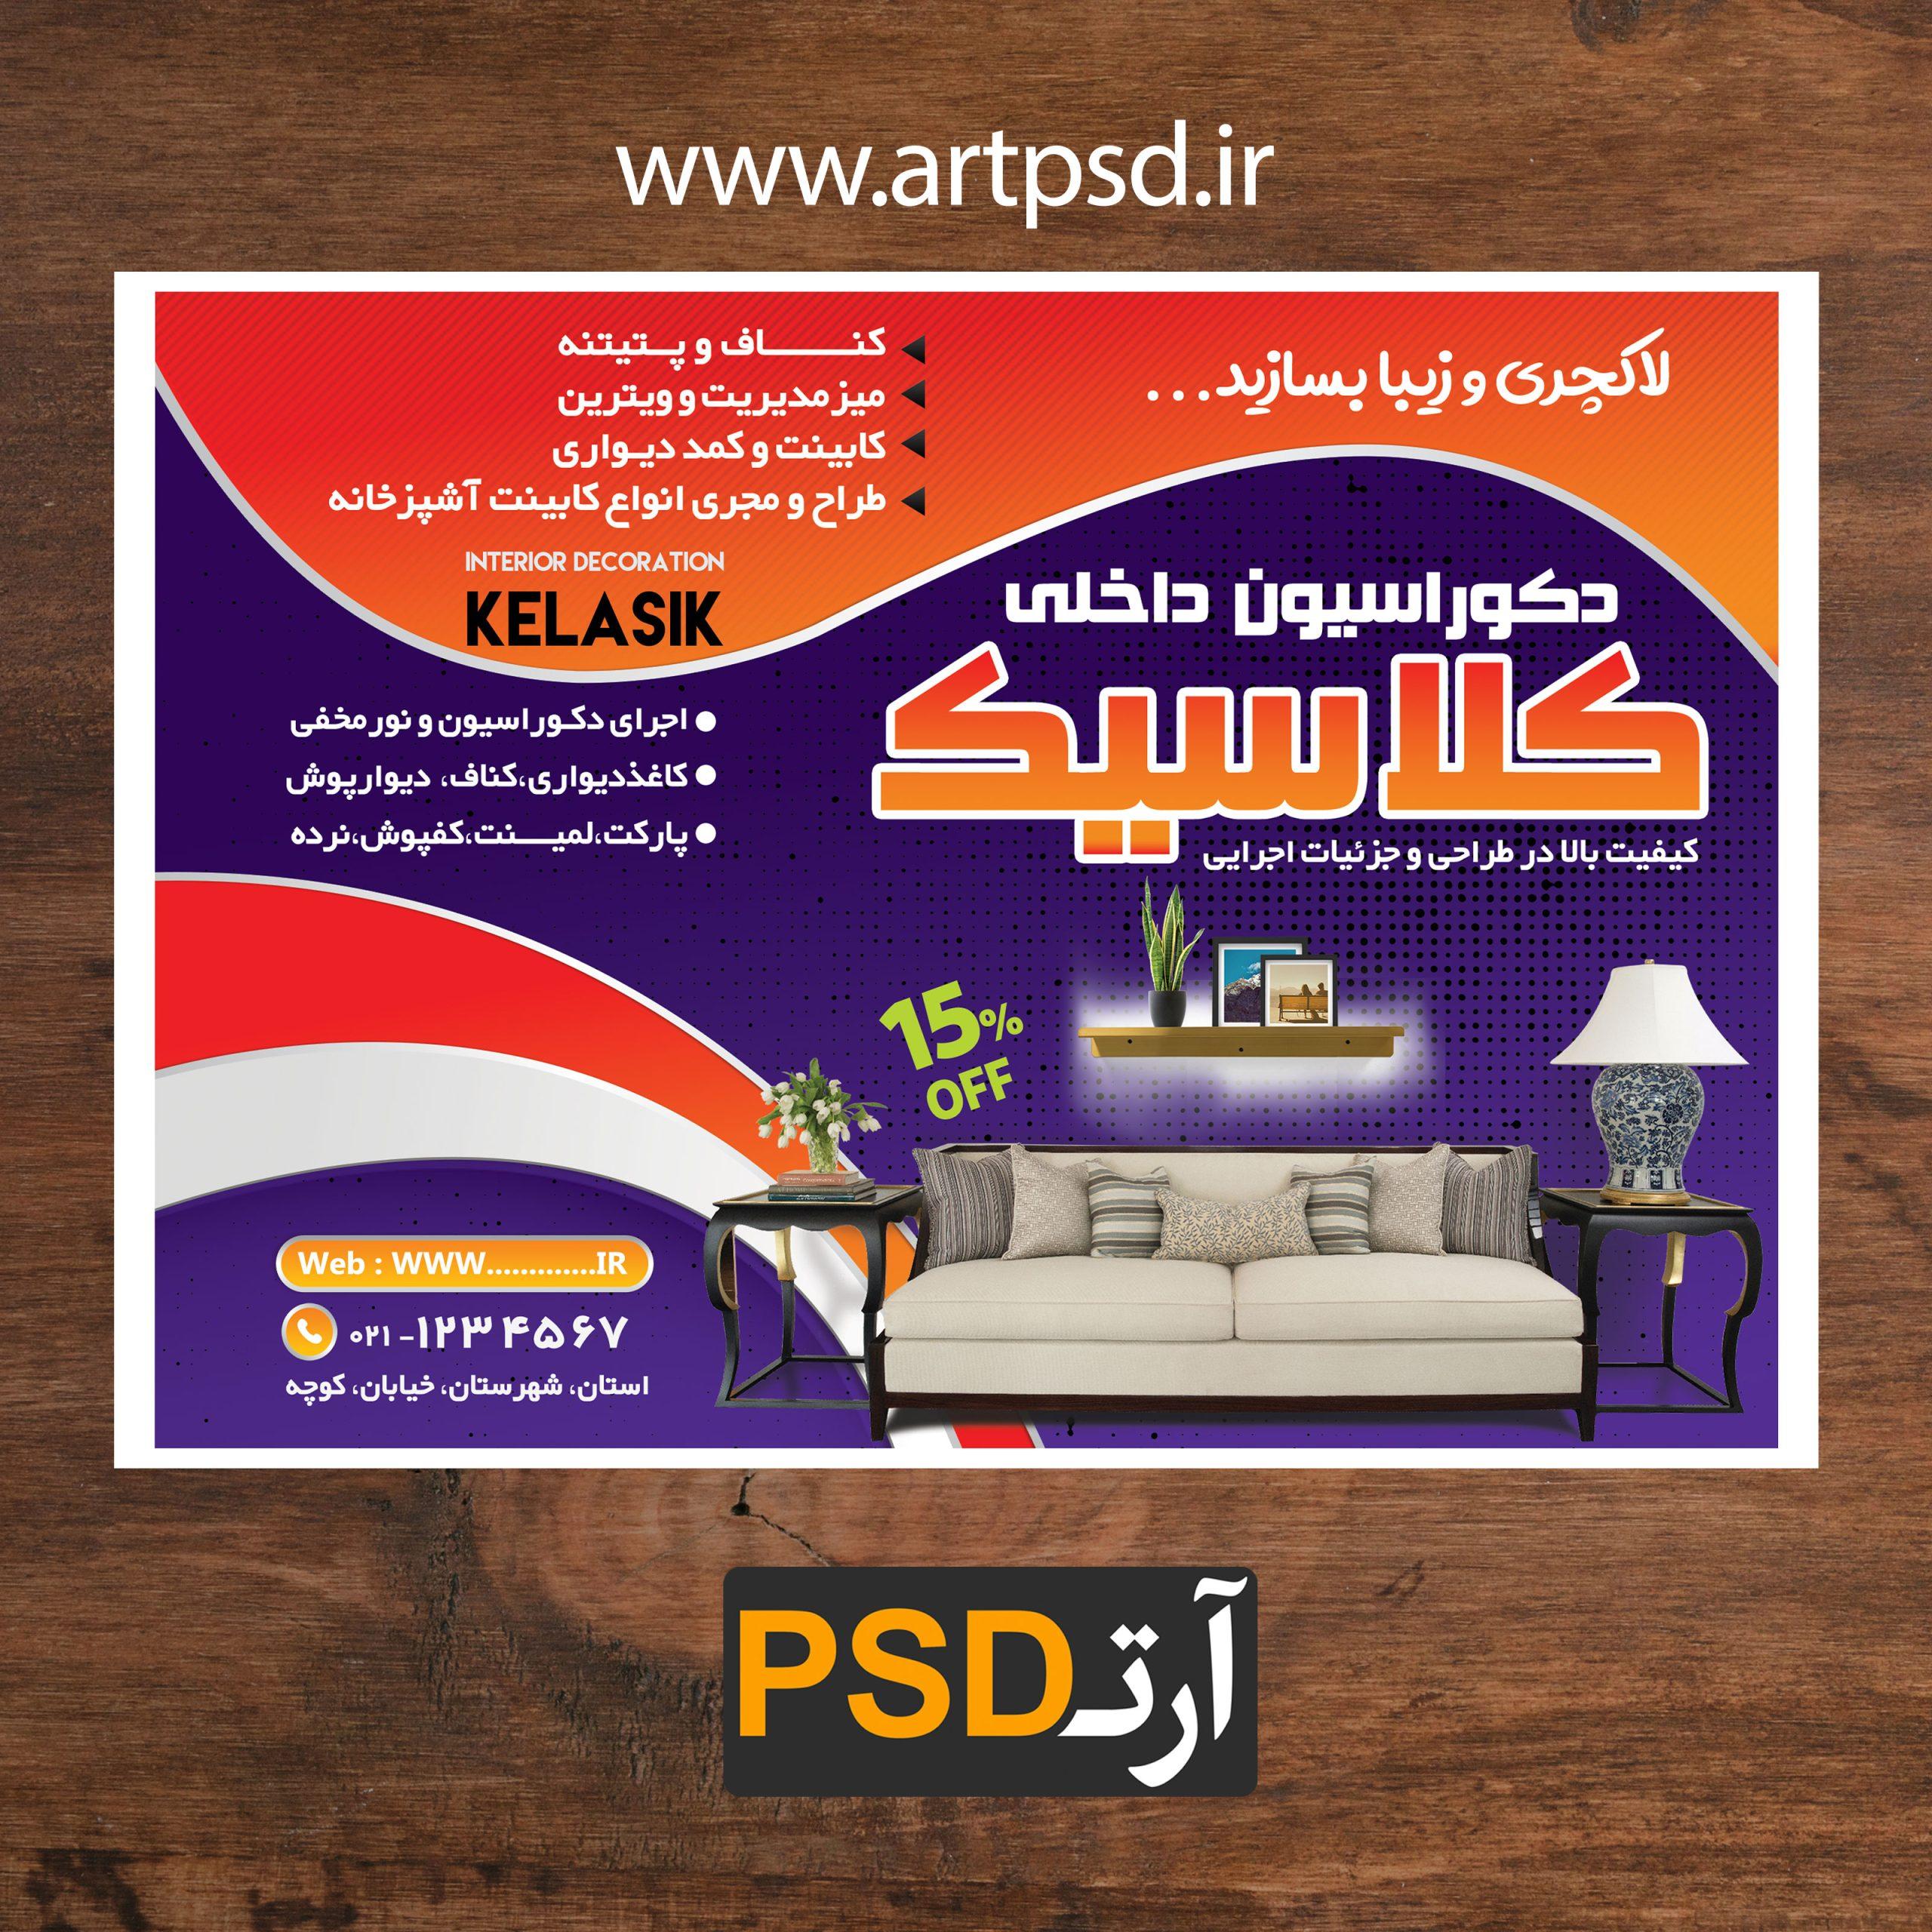 تراکت لایه باز تبلیغاتی تزیینات و دکوراسیون ساختمان